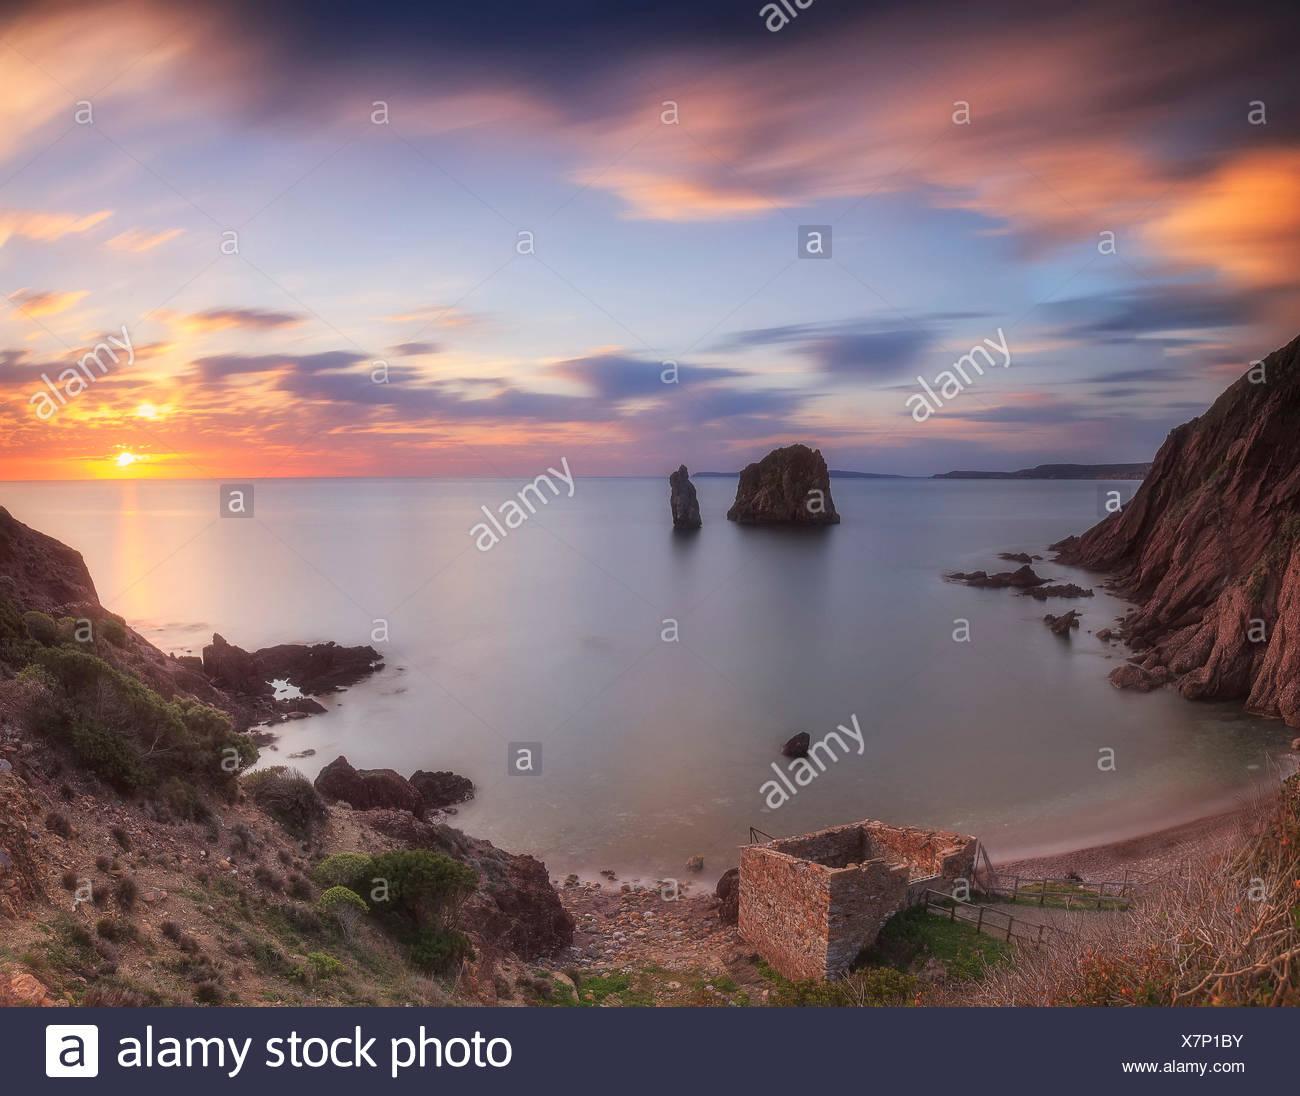 Portu banda spiaggia al tramonto, nebida, Iglesias, Sardegna, Italia. vi sono due grandi faraglioni (aragustieri) Immagini Stock